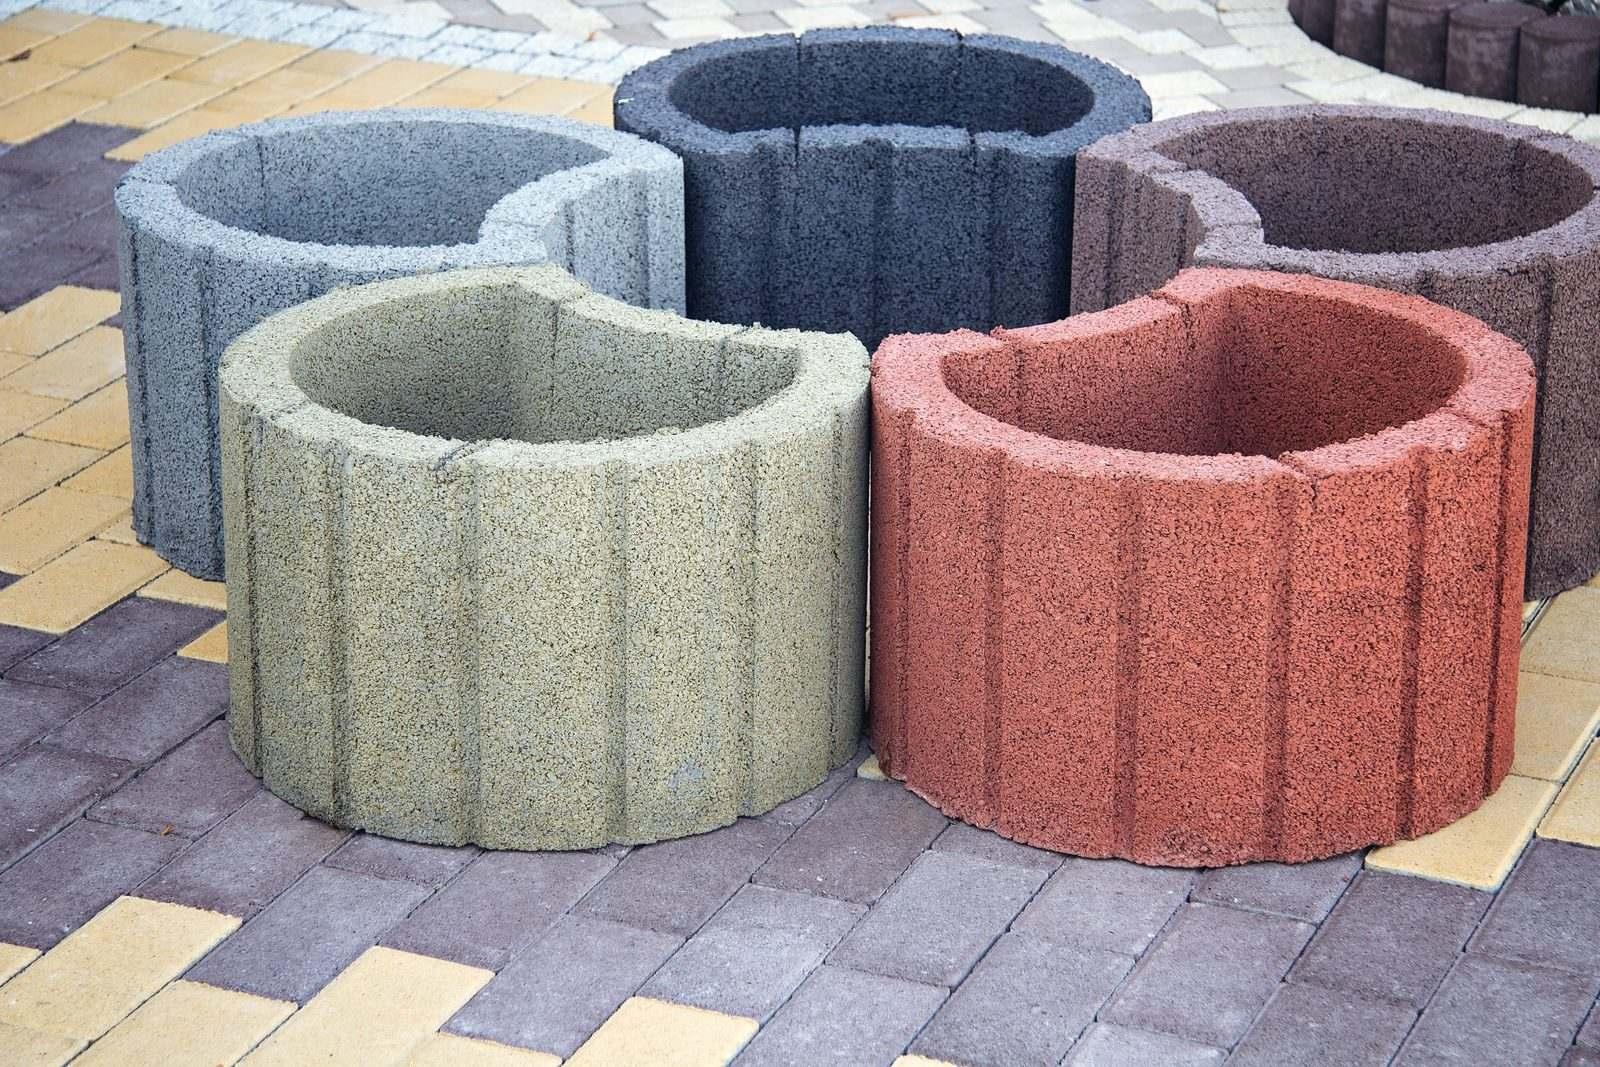 клумба - бетонний обмежувач руху